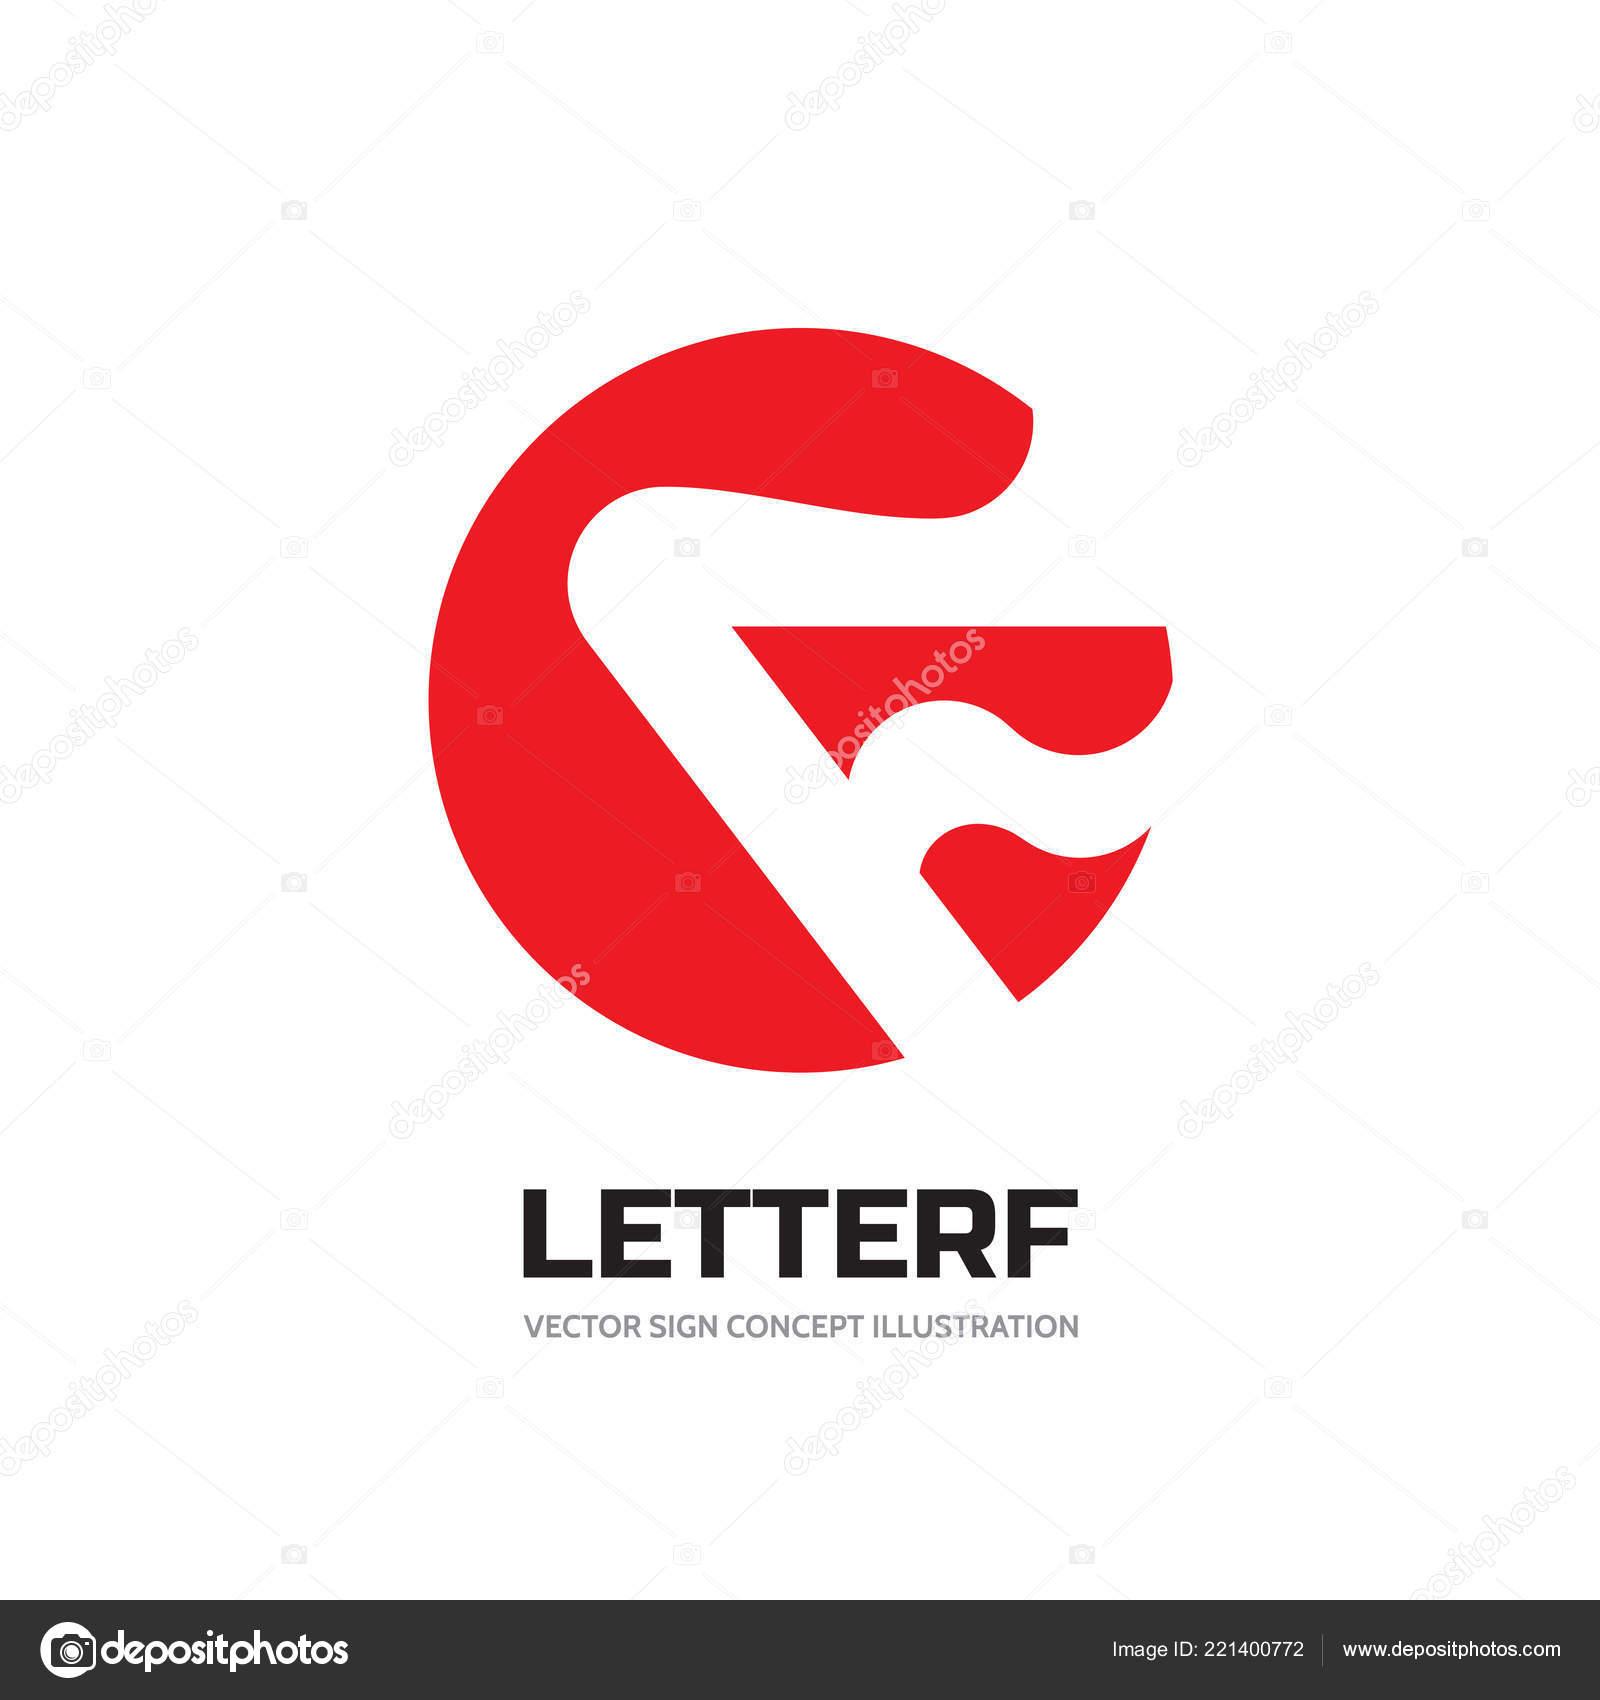 51dfdf4181377 Letra F en círculo - vector business logo plantilla concepto ilustración.  Símbolo abstracto de la llama de fuego. Elemento de diseño gráfico — Vector  de ...